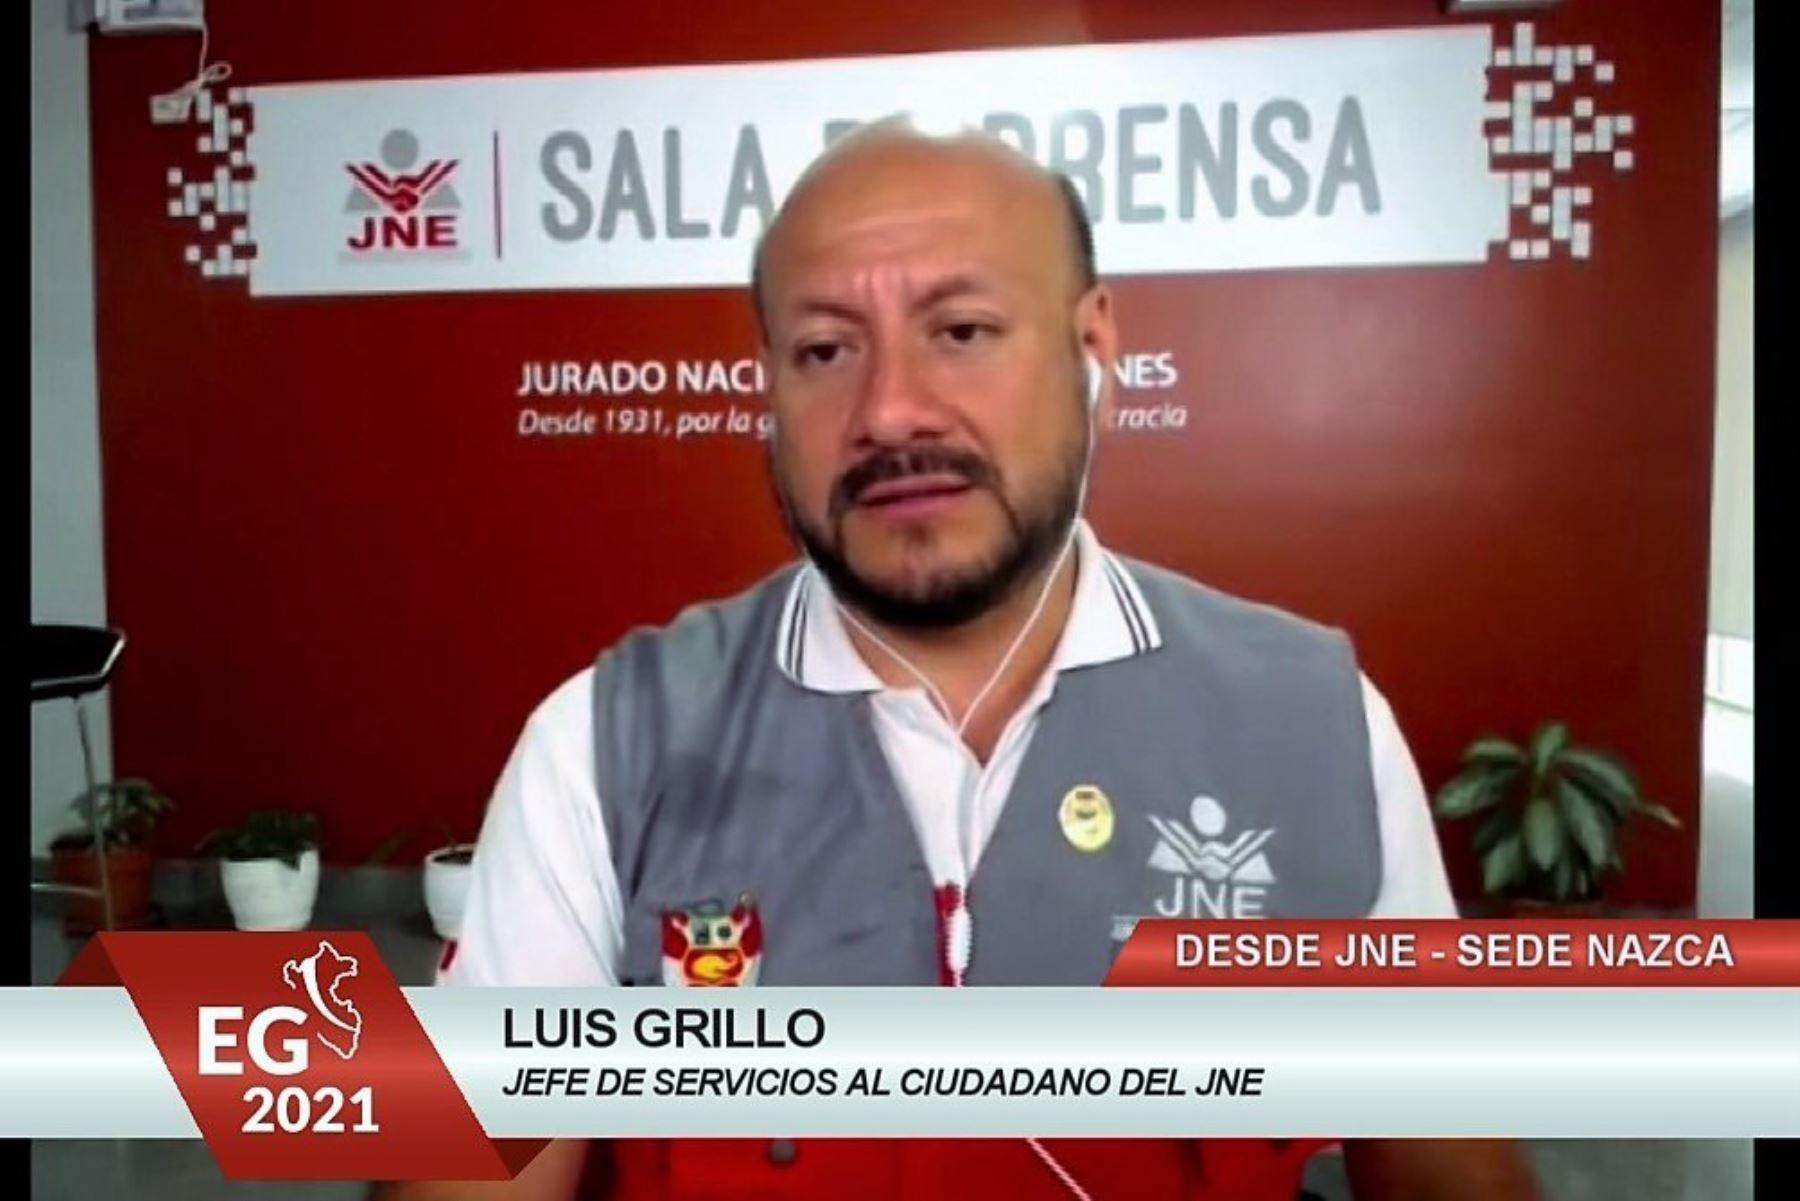 Jefe de Servicios al Ciudadano del JNE, Luis Grillo Teagua,